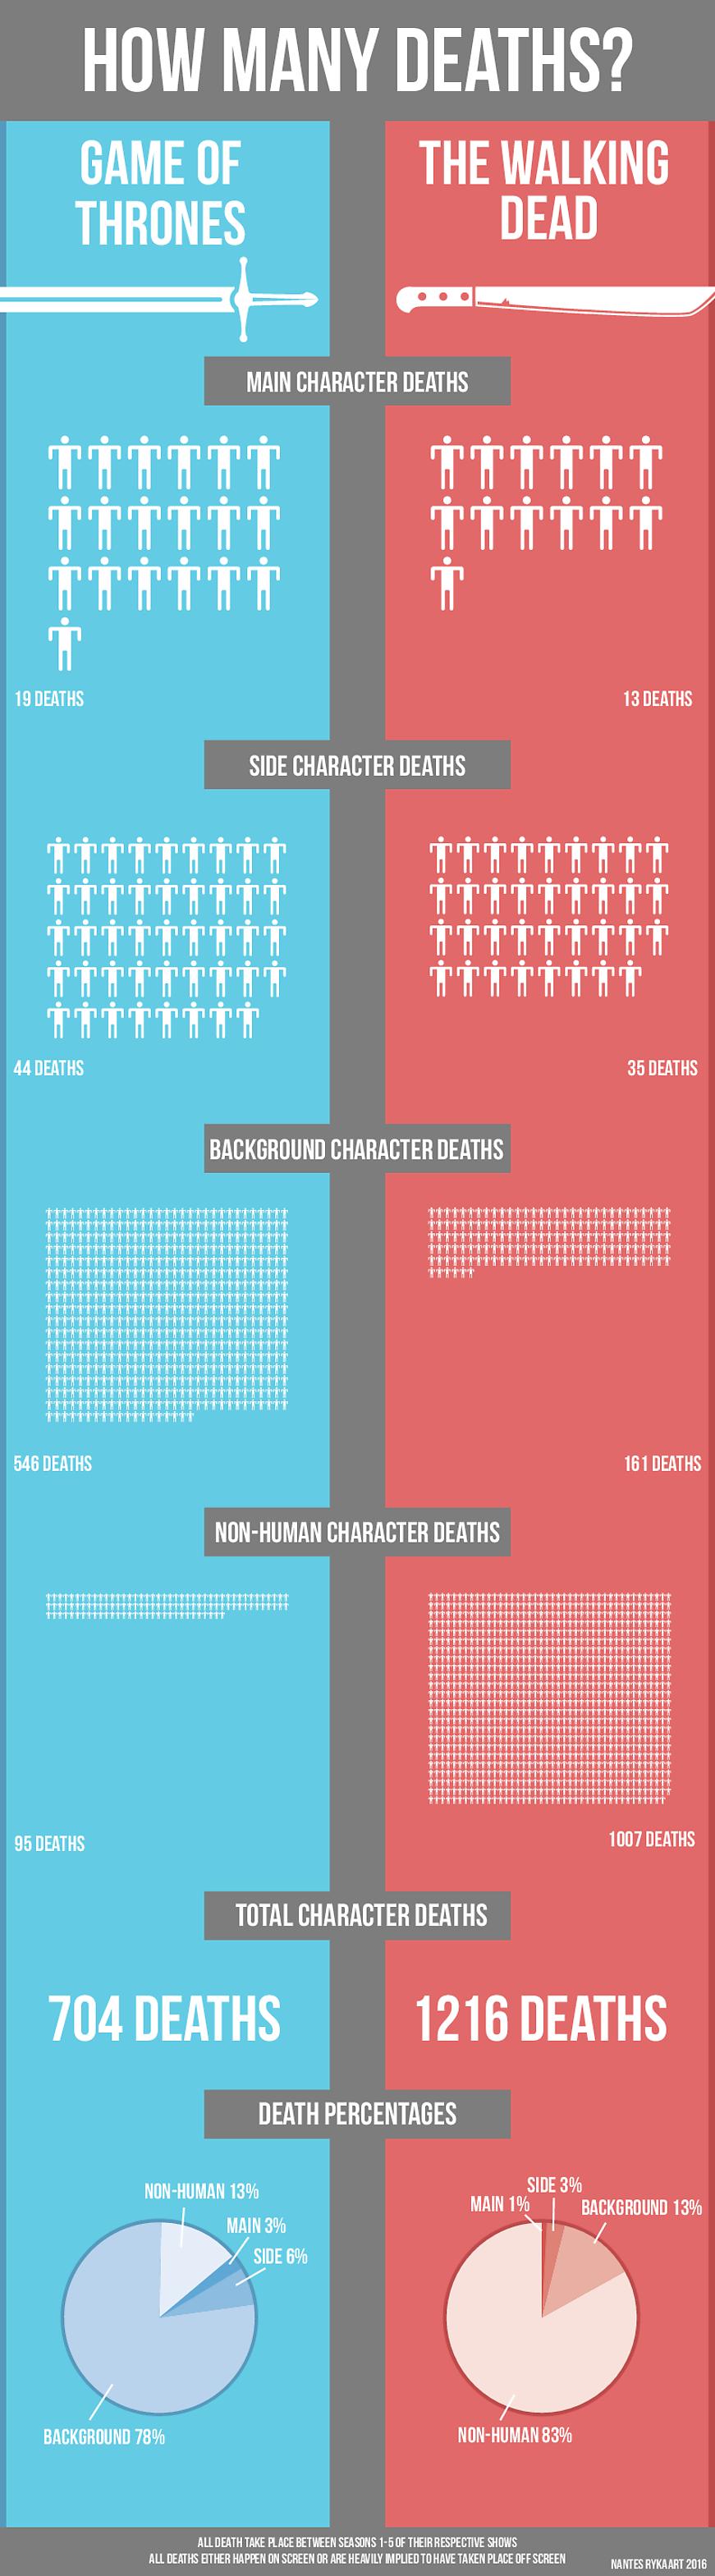 ¿Qué serie presenta más muertes?